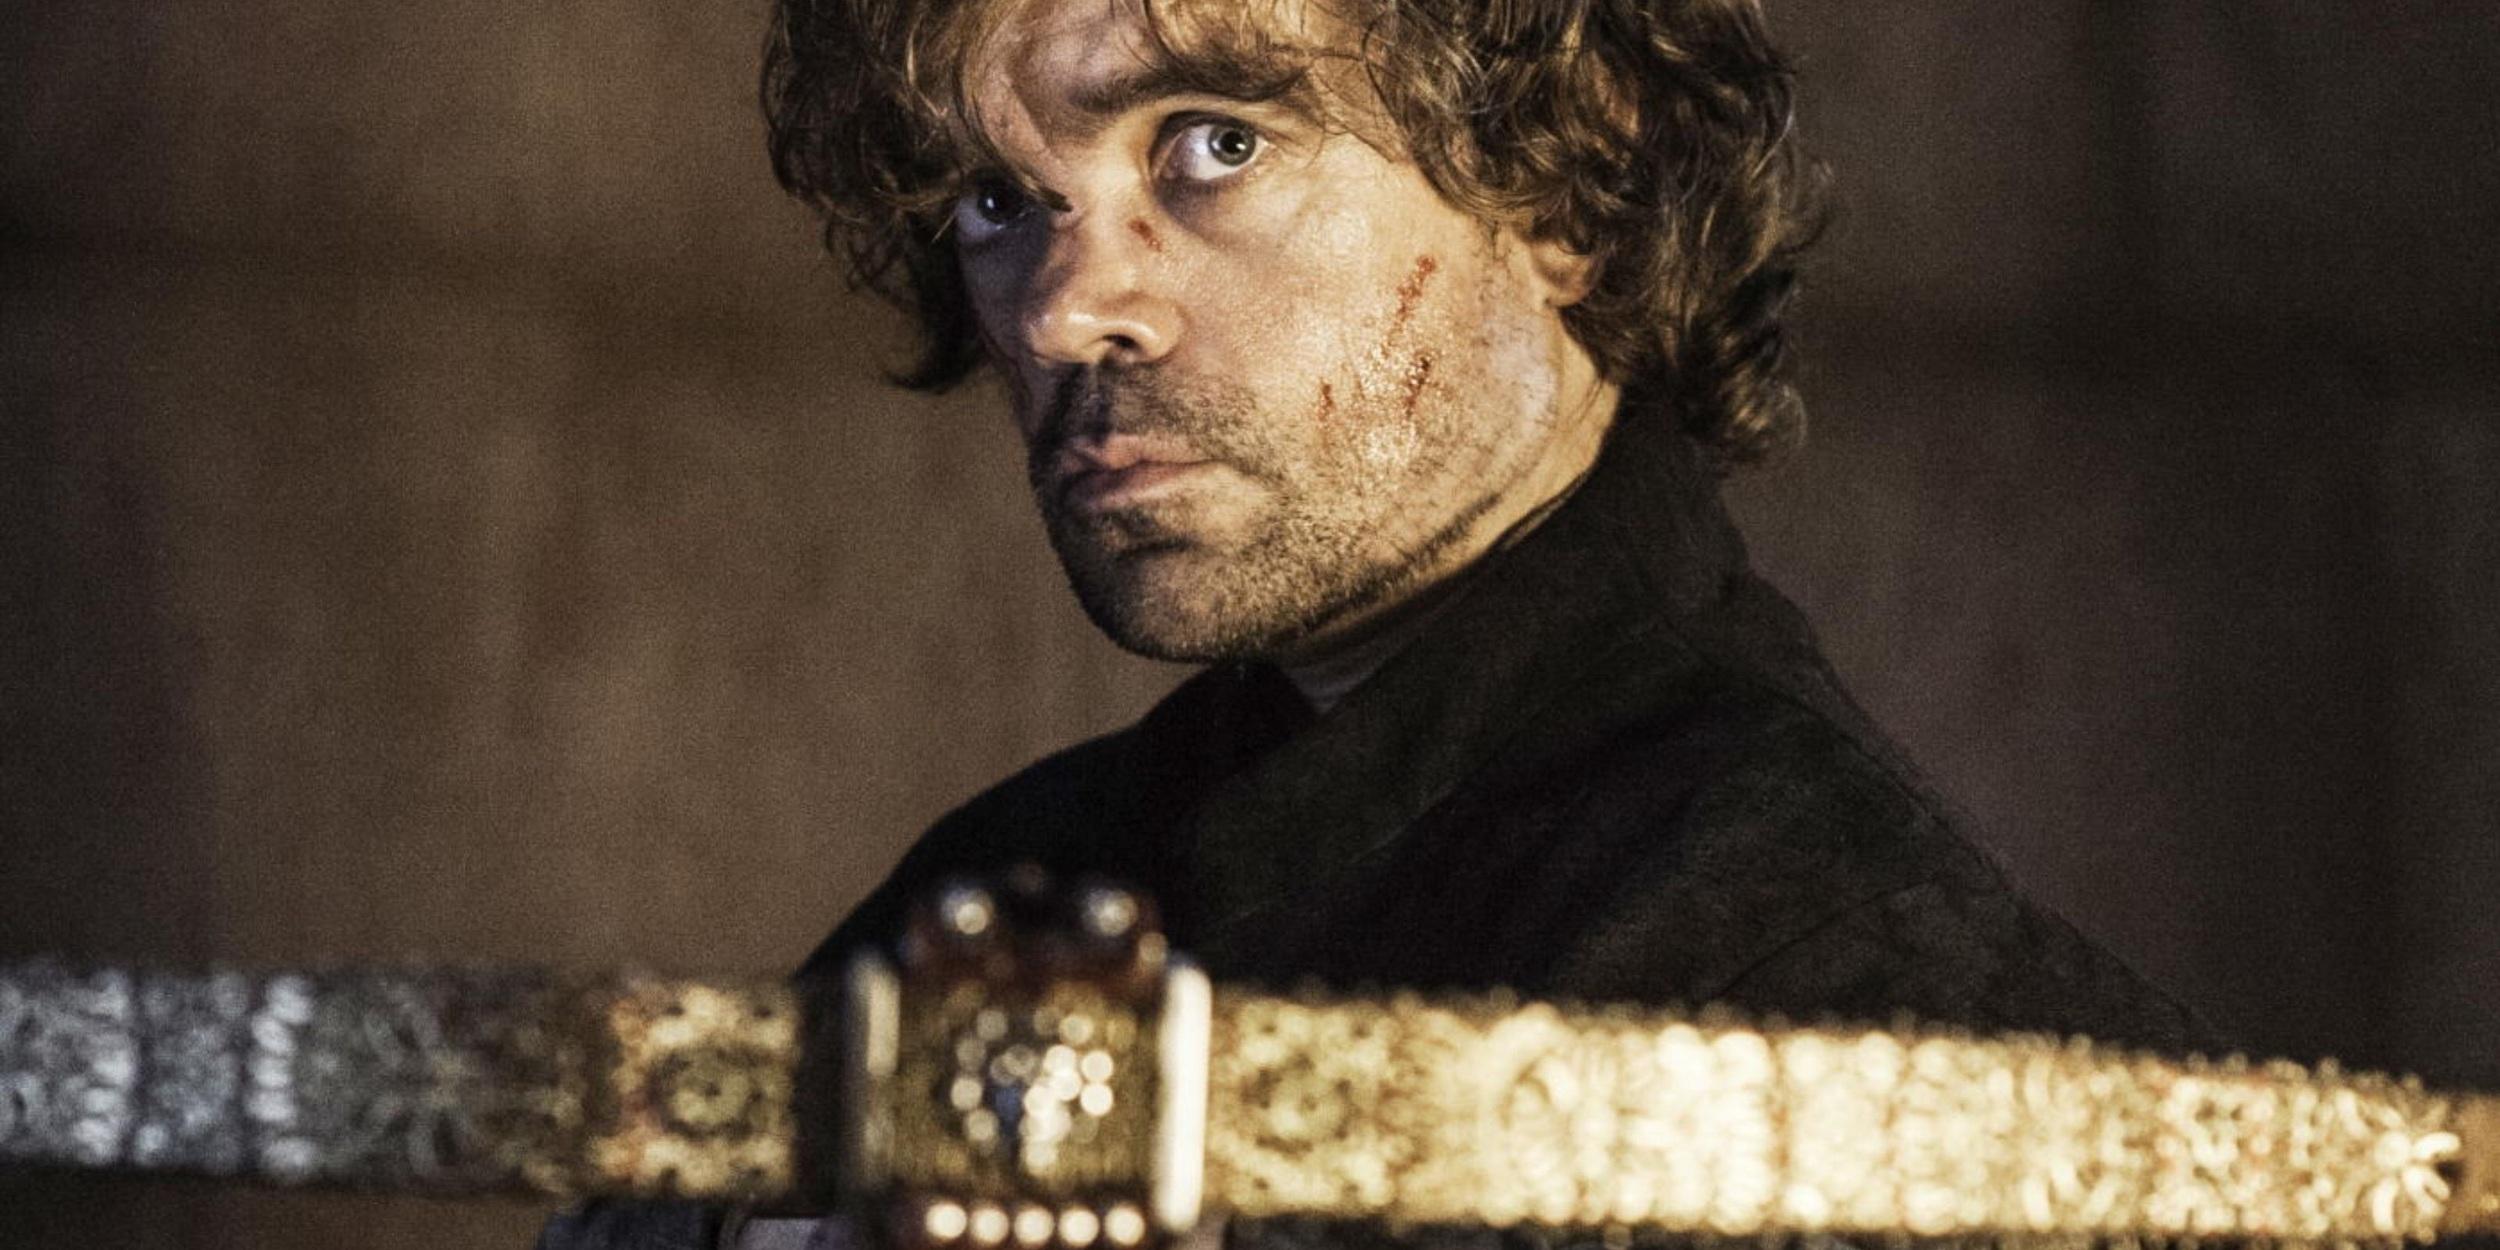 """Say """"dwarf"""" again. I dare ya. I double dare ya."""